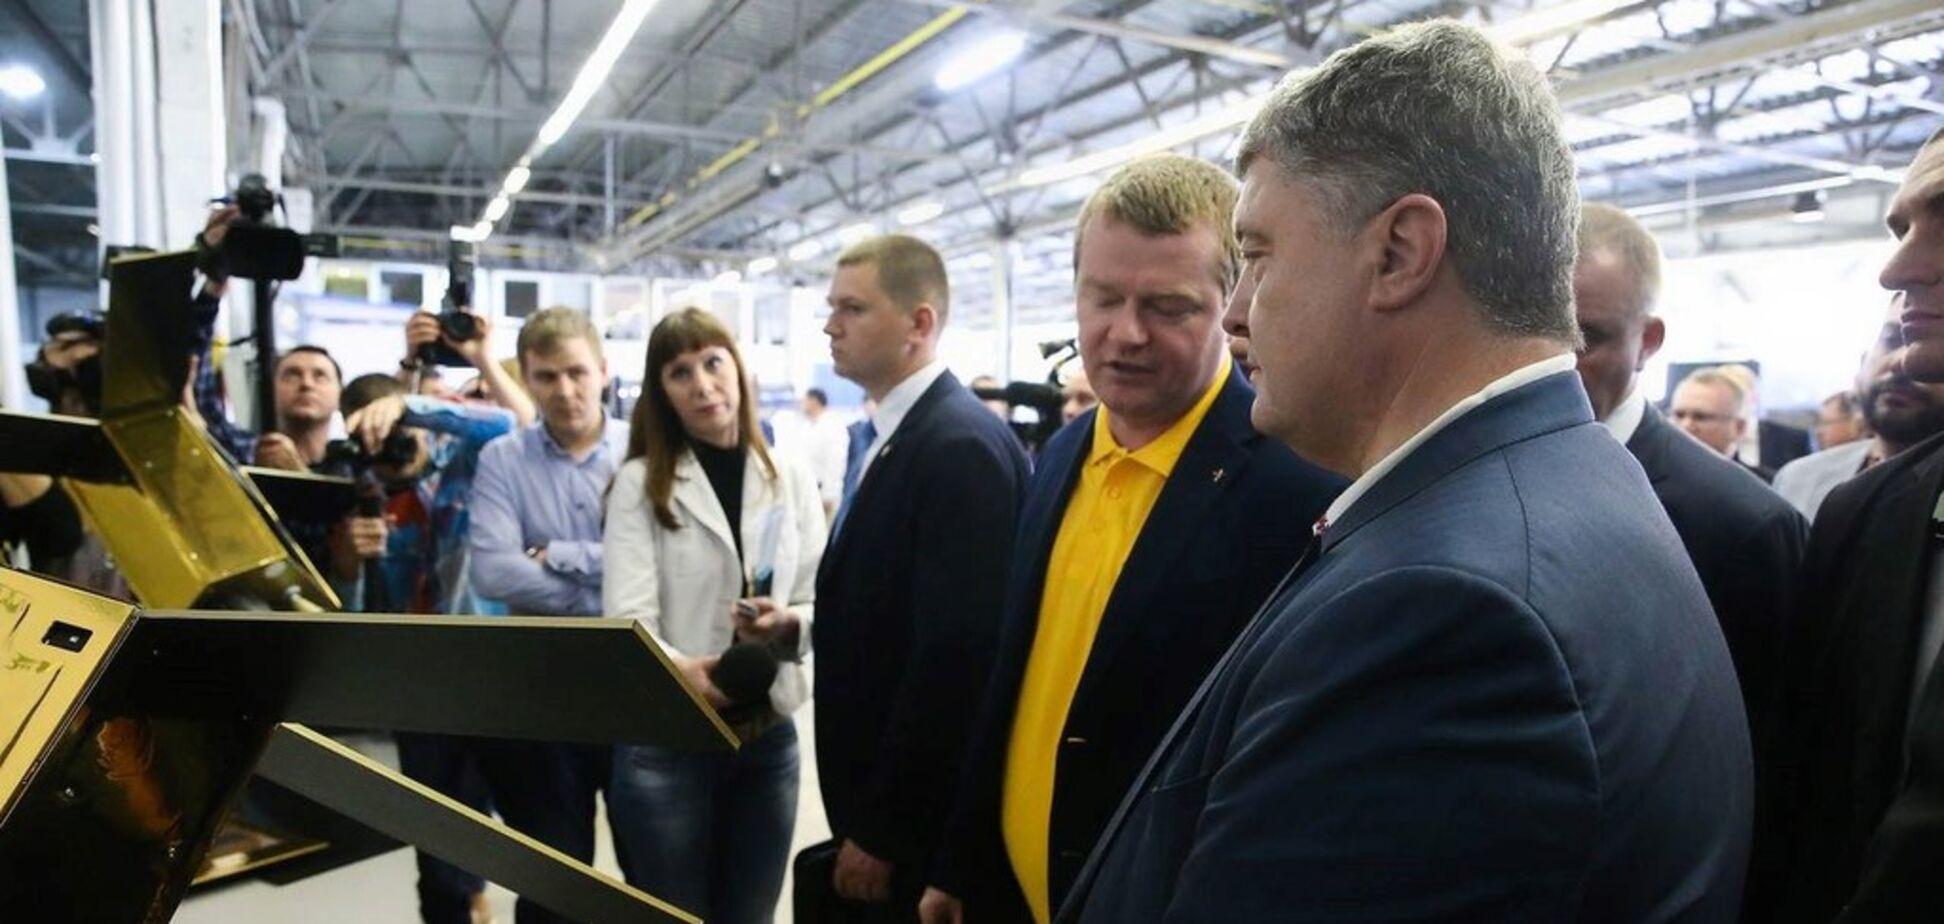 Бізнесмен Макс Поляков відкриває 'Новий космос' і готується до першого запуску ракети